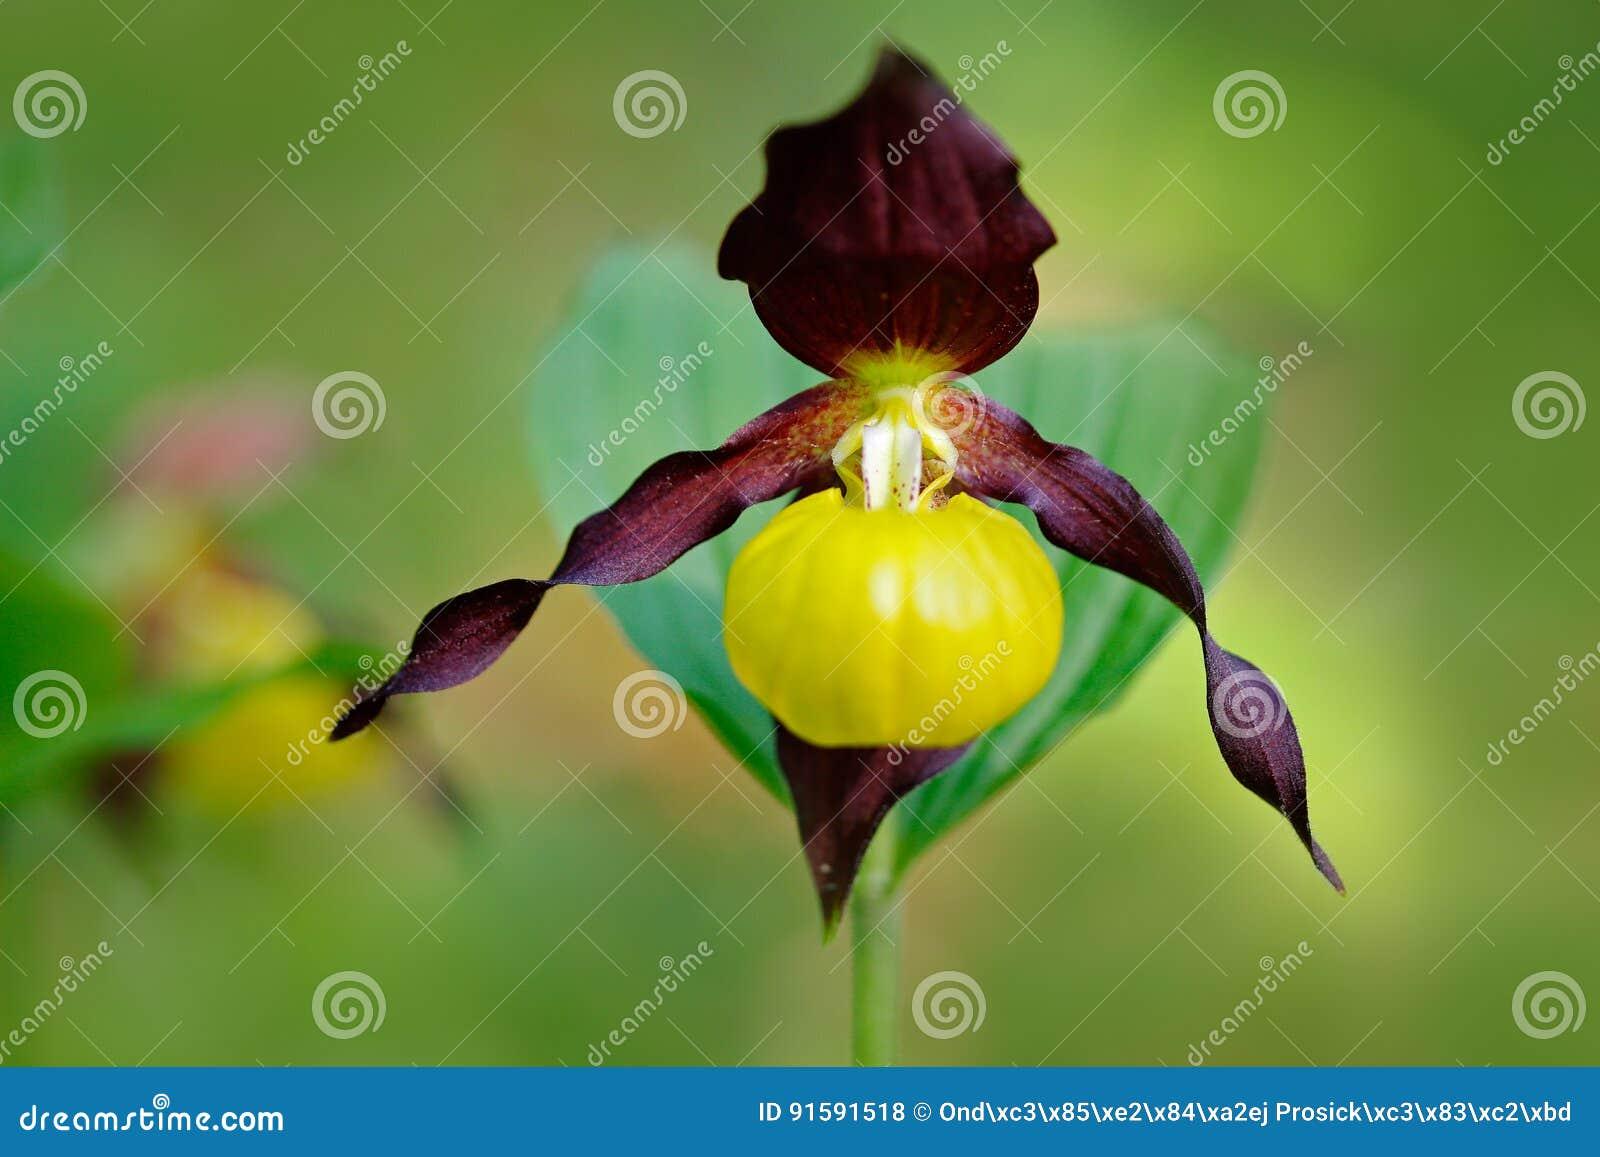 夫人` s崖壁,杓兰calceolus,开花的欧洲地球野生兰花,自然栖所,绽放,绿色c细节